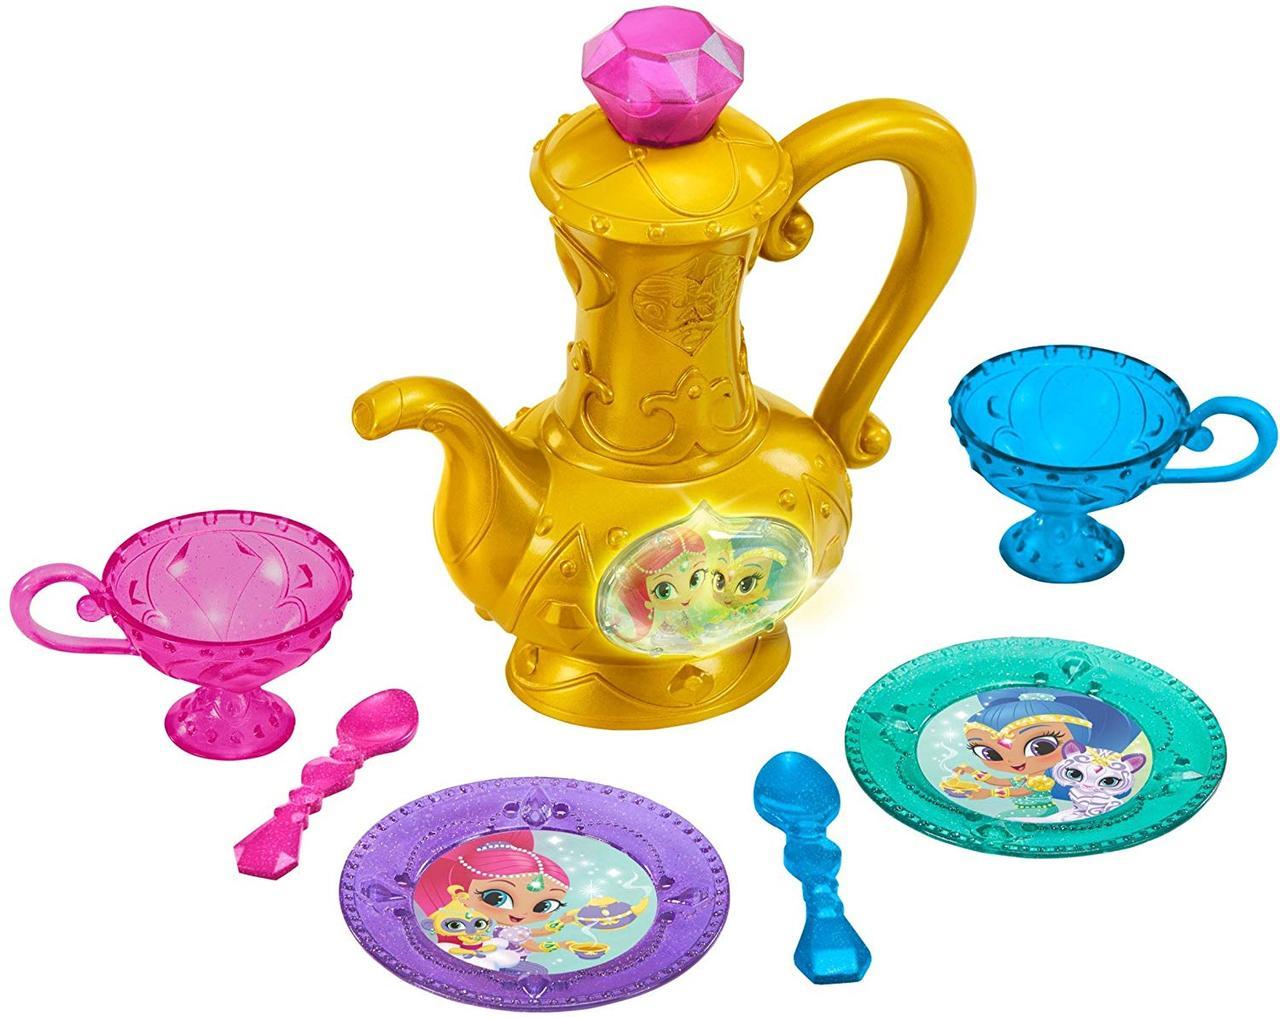 Интерактивный игровой набор чайный сервиз Шиммер и Шайн Волшебное чаепитие Fisher-Price Shimmer and Shine